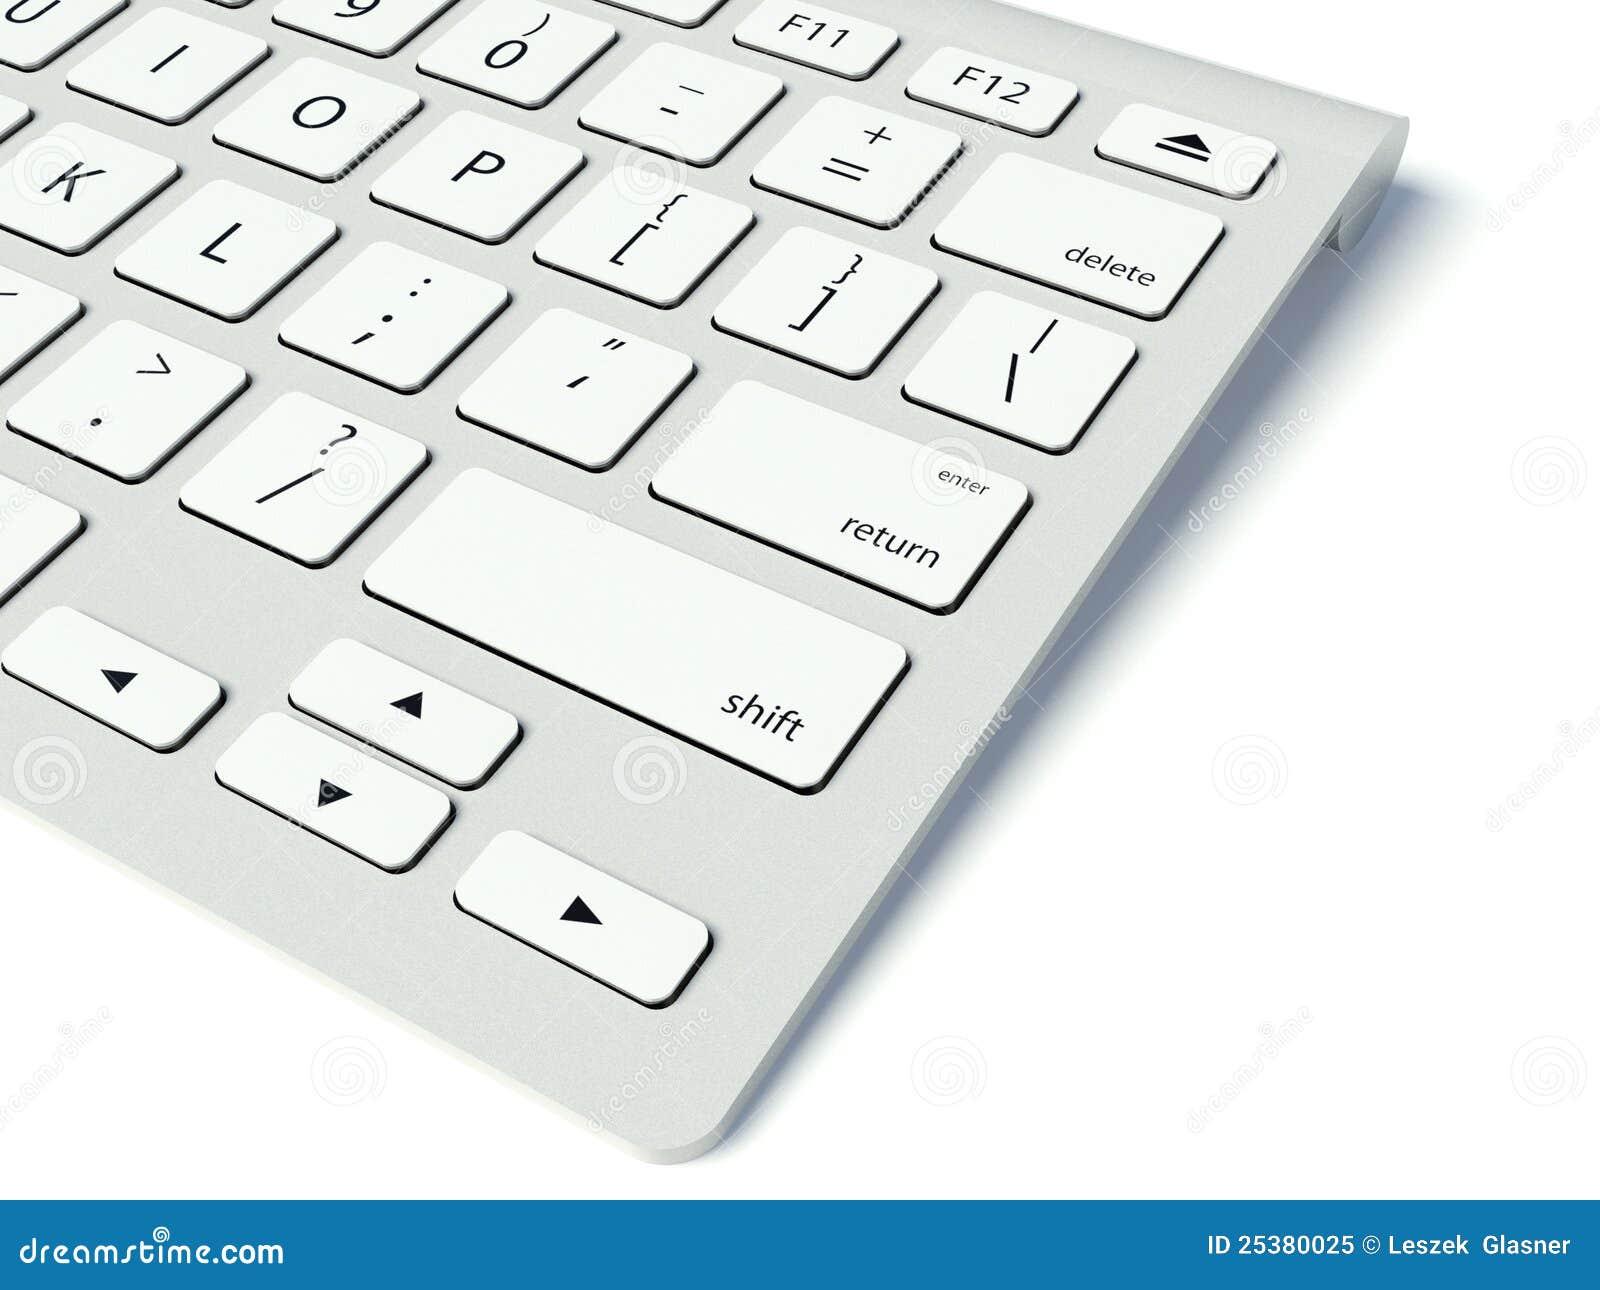 Teclado de ordenador moderno foto de archivo libre de - Foto teclado ordenador ...